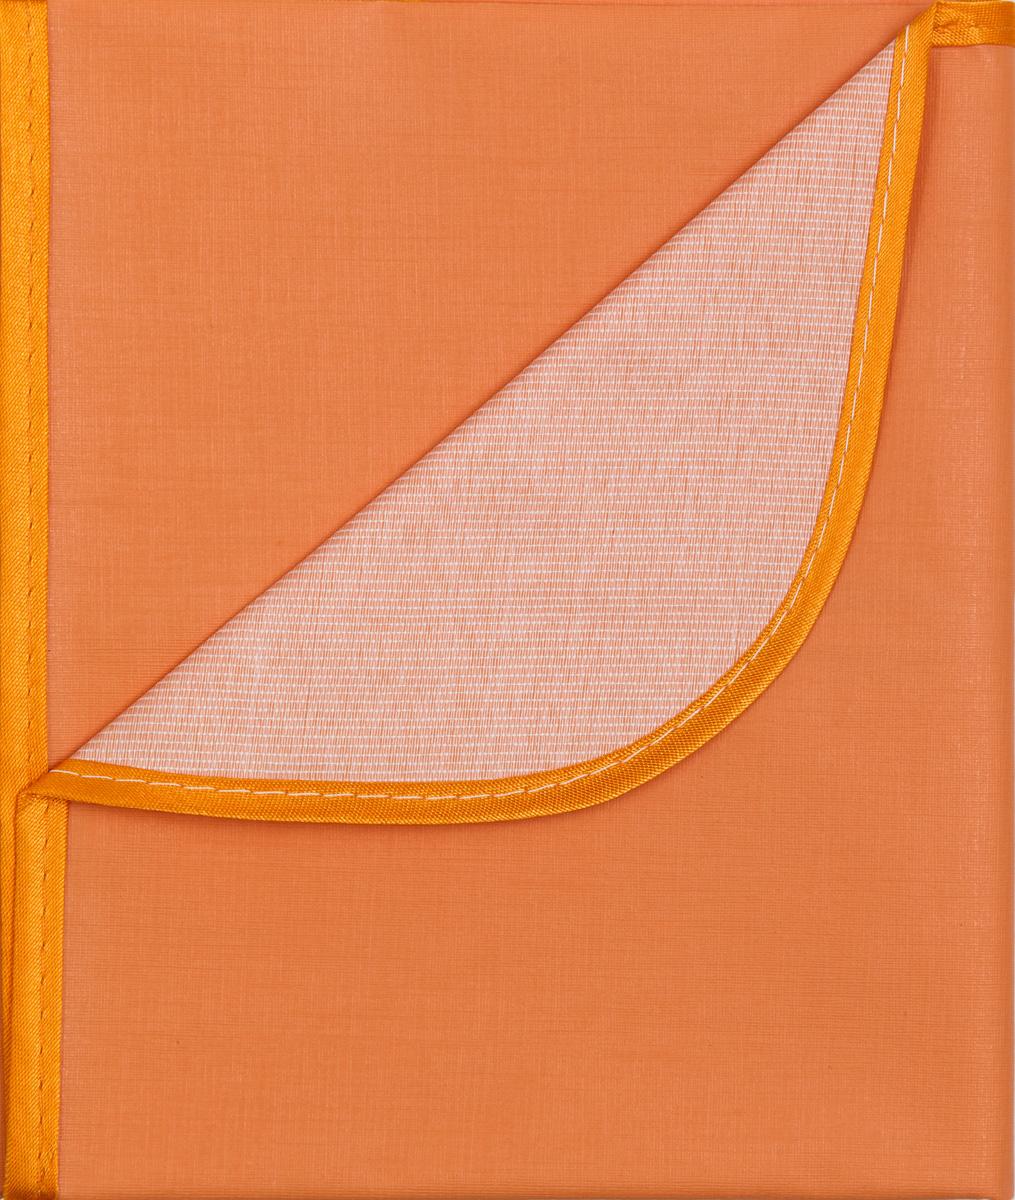 Колорит Клеенка подкладная с окантовкой цвет оранжевый 70 х 100 см0057_оранжевыйКлеенка подкладная с ПВХ покрытием Колорит, окантованная по краям тесьмой, предназначена для санитарно-гигиенических целей в качестве подкладного материала в медицинской практике и в домашних условиях. ПВХ покрытие влагонепроницаемо и обладает эффектом теплоотдачи, что исключает эффект холодного прикосновения. Микропористая структура поливинилхлоридного покрытия способствует профилактике пролежней и трофических проявлений. Клеенка окантована текстильной тесьмой, что помогает надолго сохранить опрятный внешний вид.